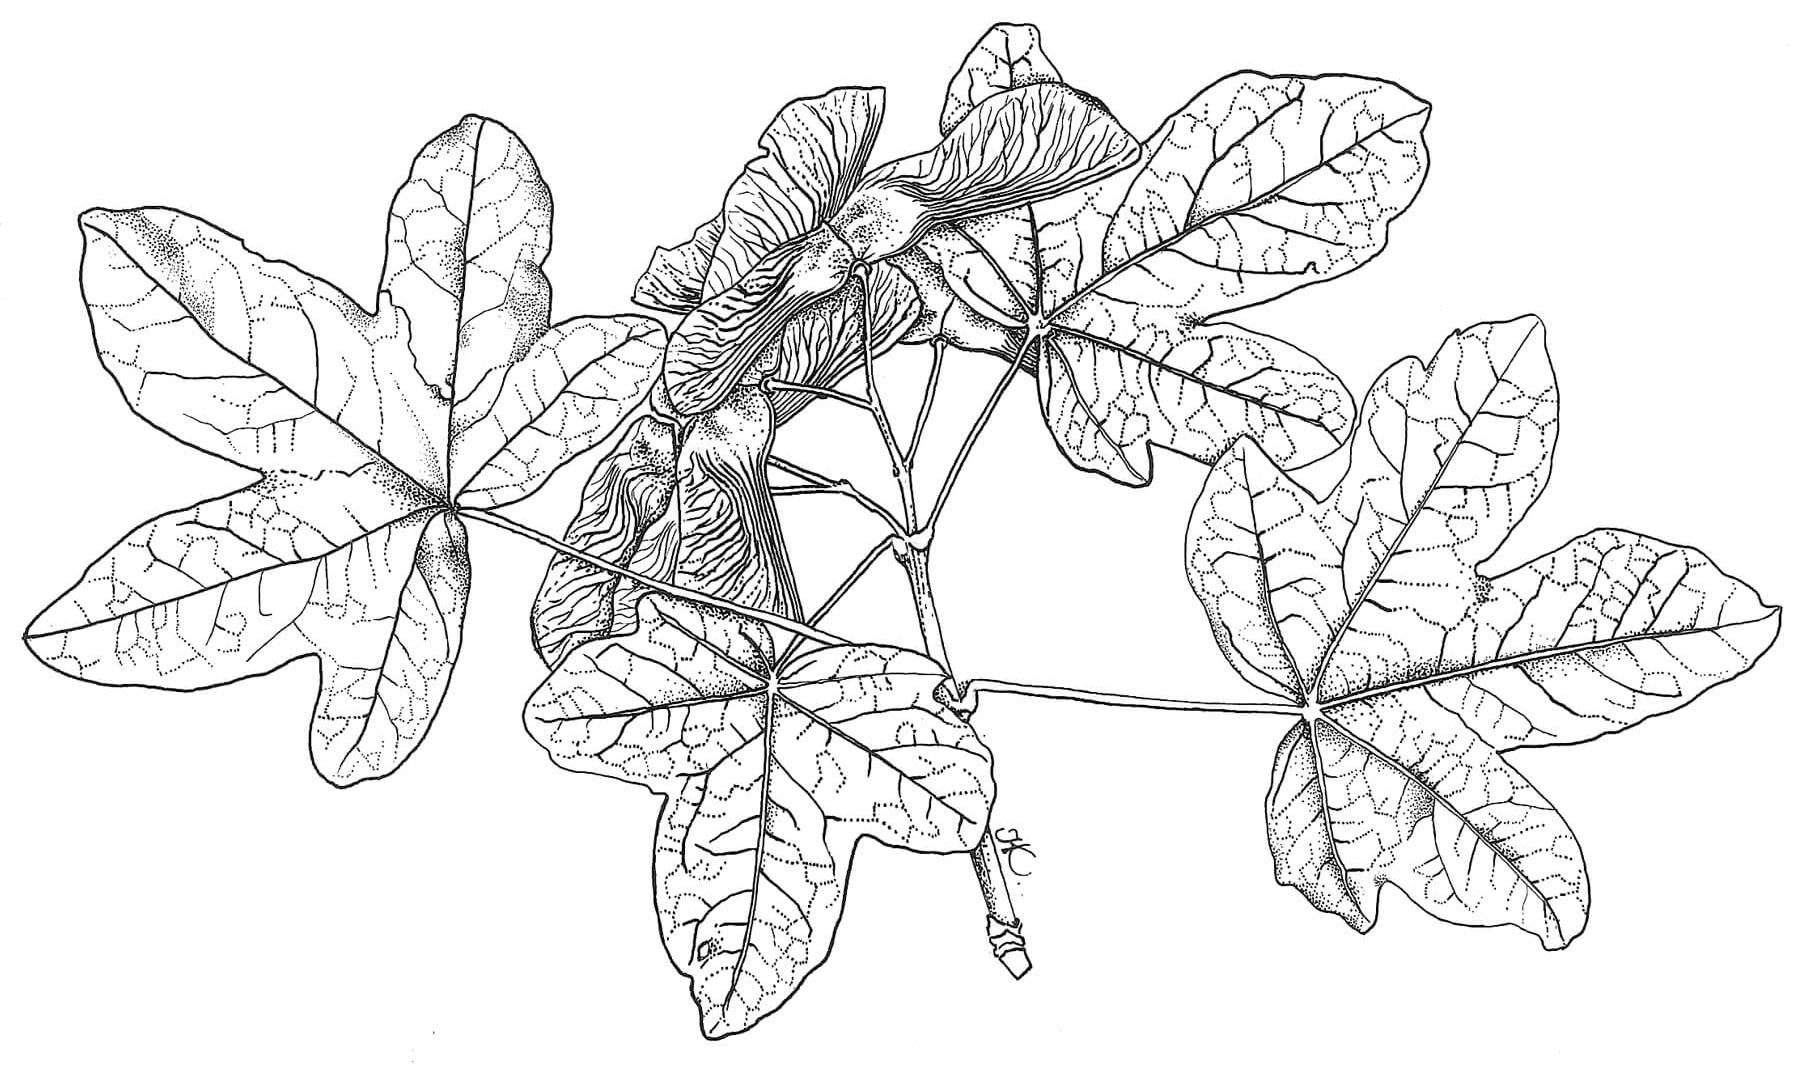 Z Dergisi Kultur Sanat Sehir Mevsimlik Tematik Dergi Bitki